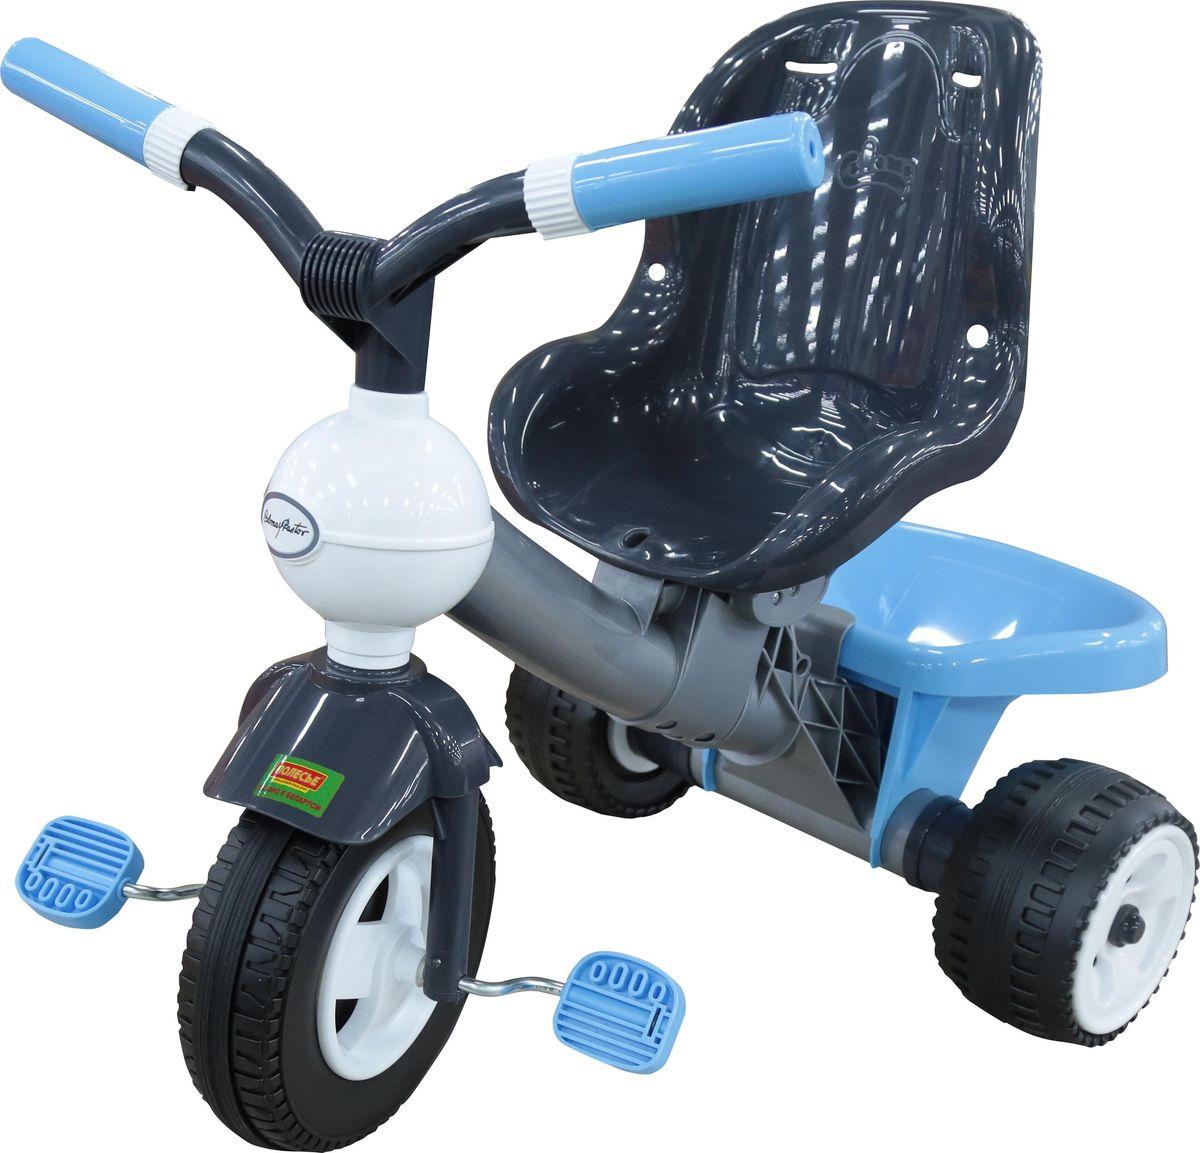 Полесье Велосипед трехколесный Амиго №3, 46444, цвет в ассортименте ролики амиго